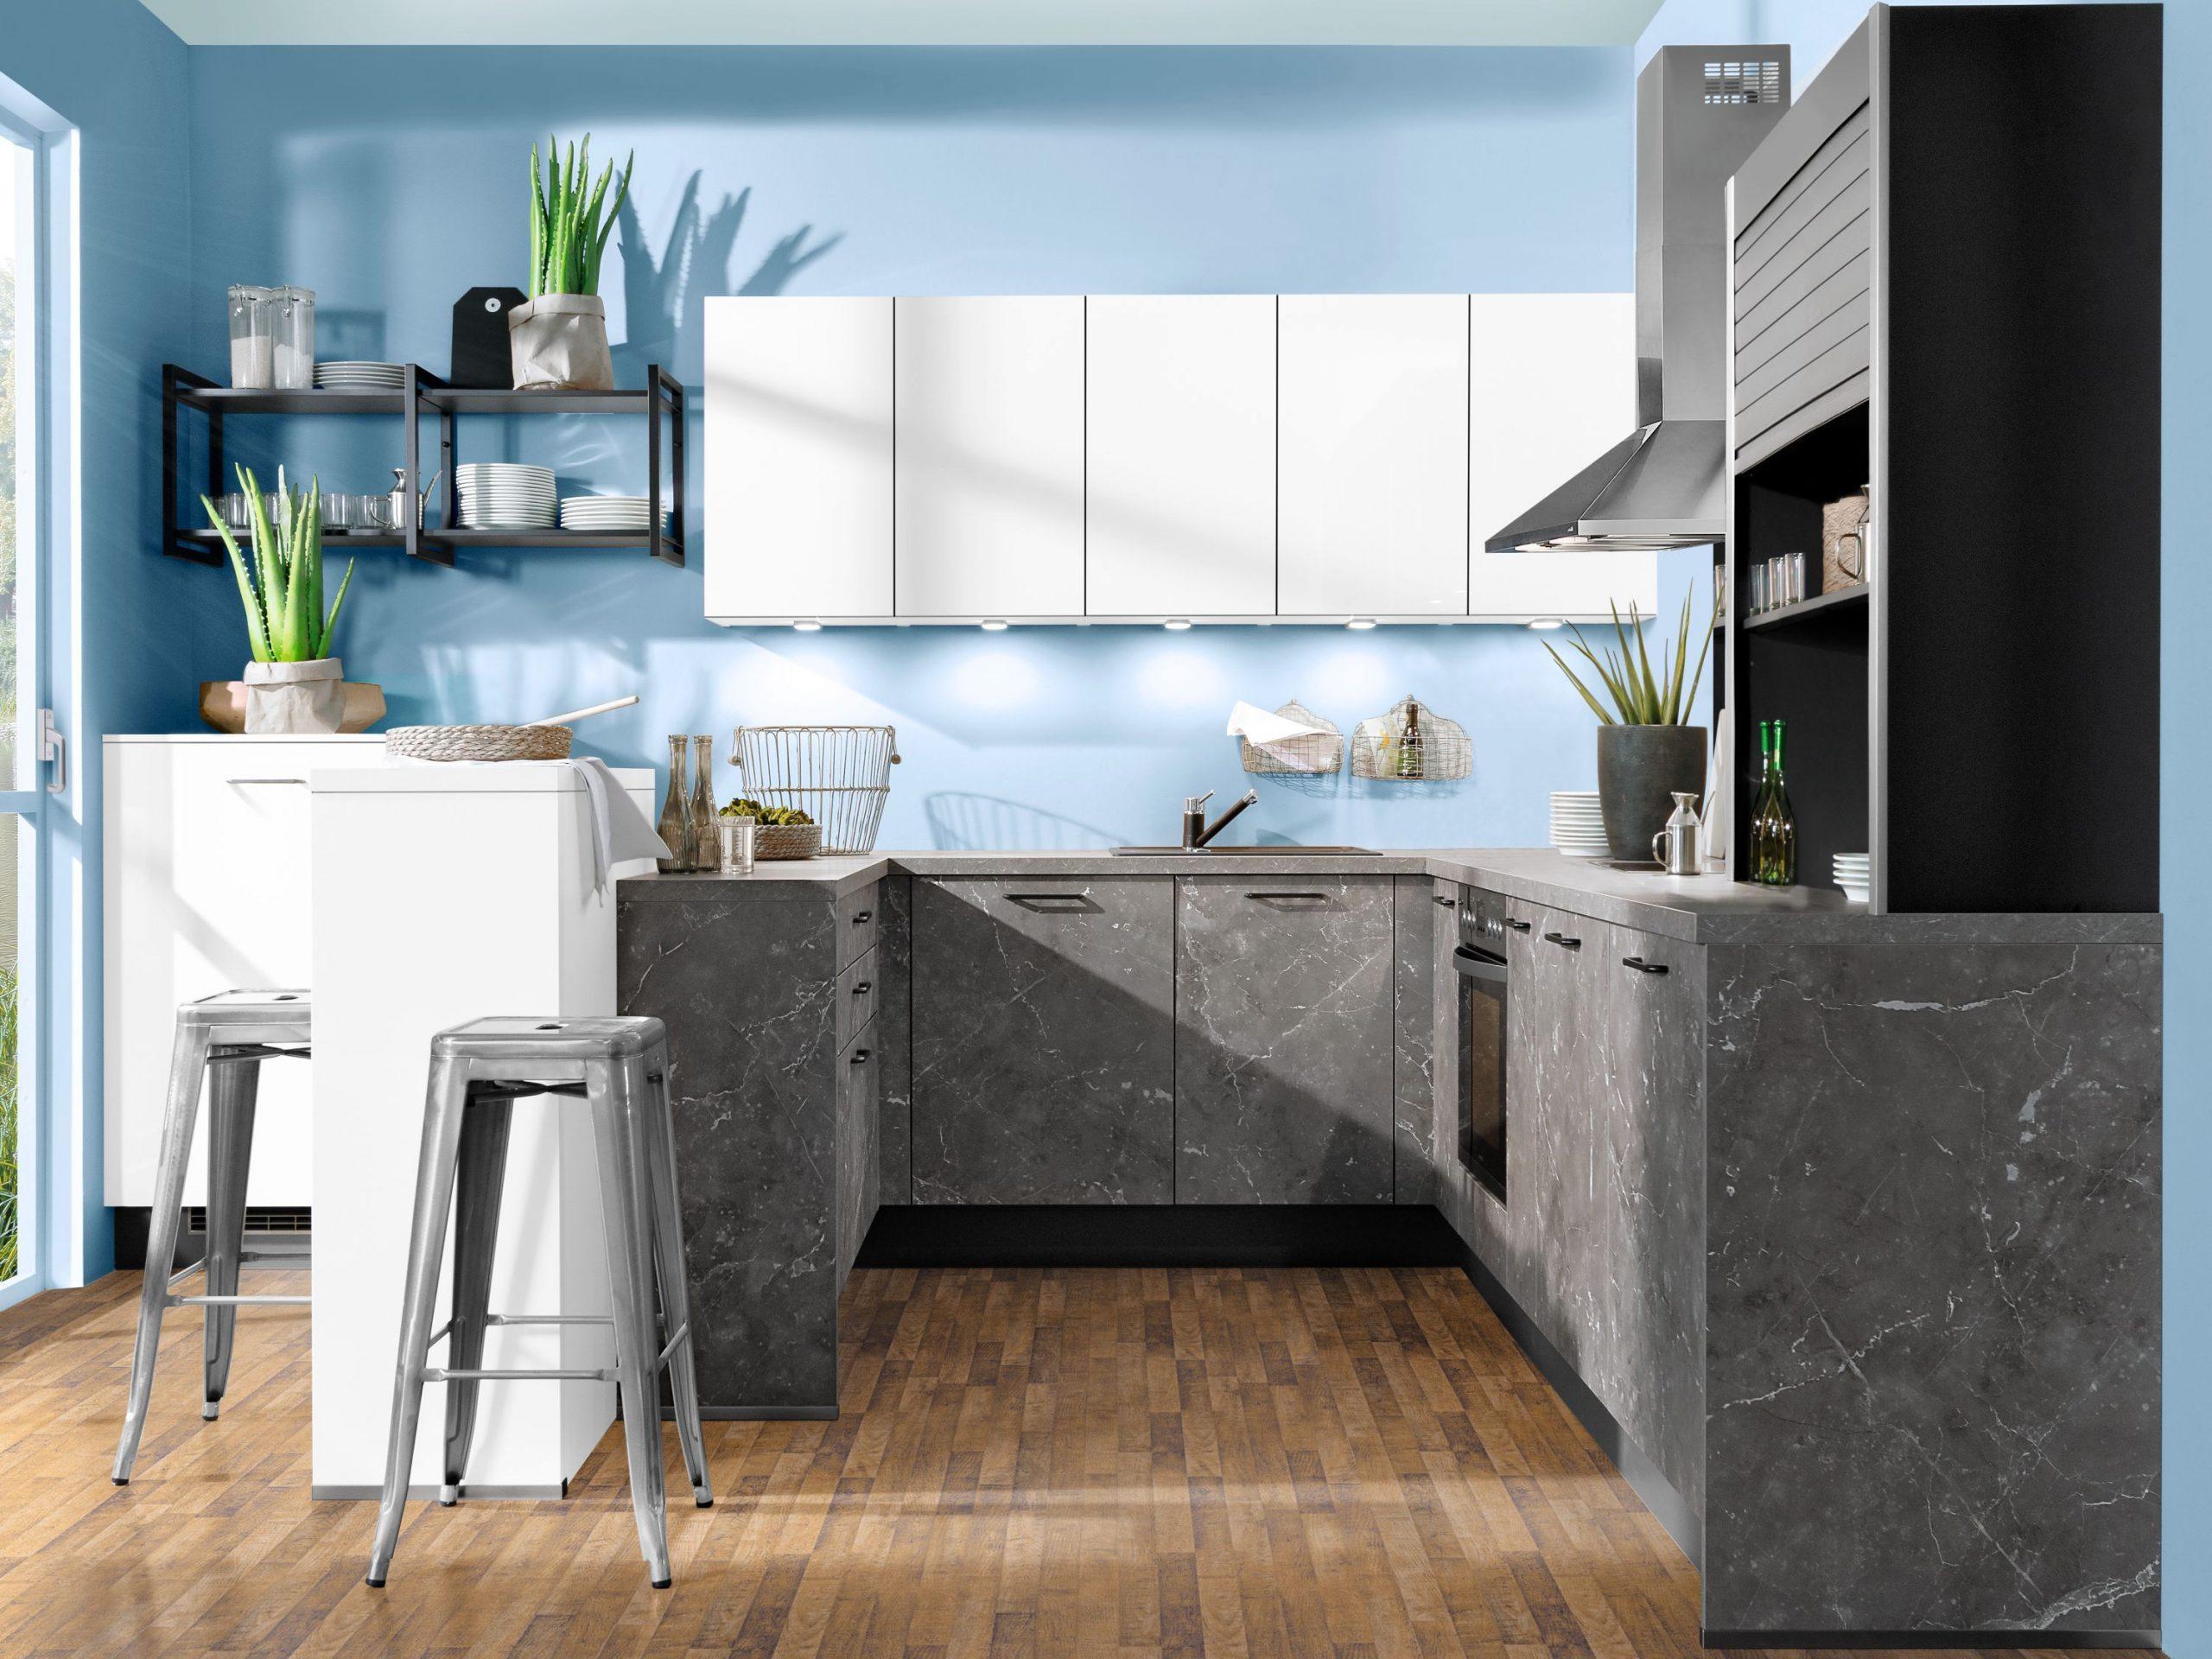 Full Size of Günstige Komplettküche Einbauküche Ohne Kühlschrank Komplettküche Billig Komplettküche Mit Elektrogeräten Küche Einbauküche Ohne Kühlschrank